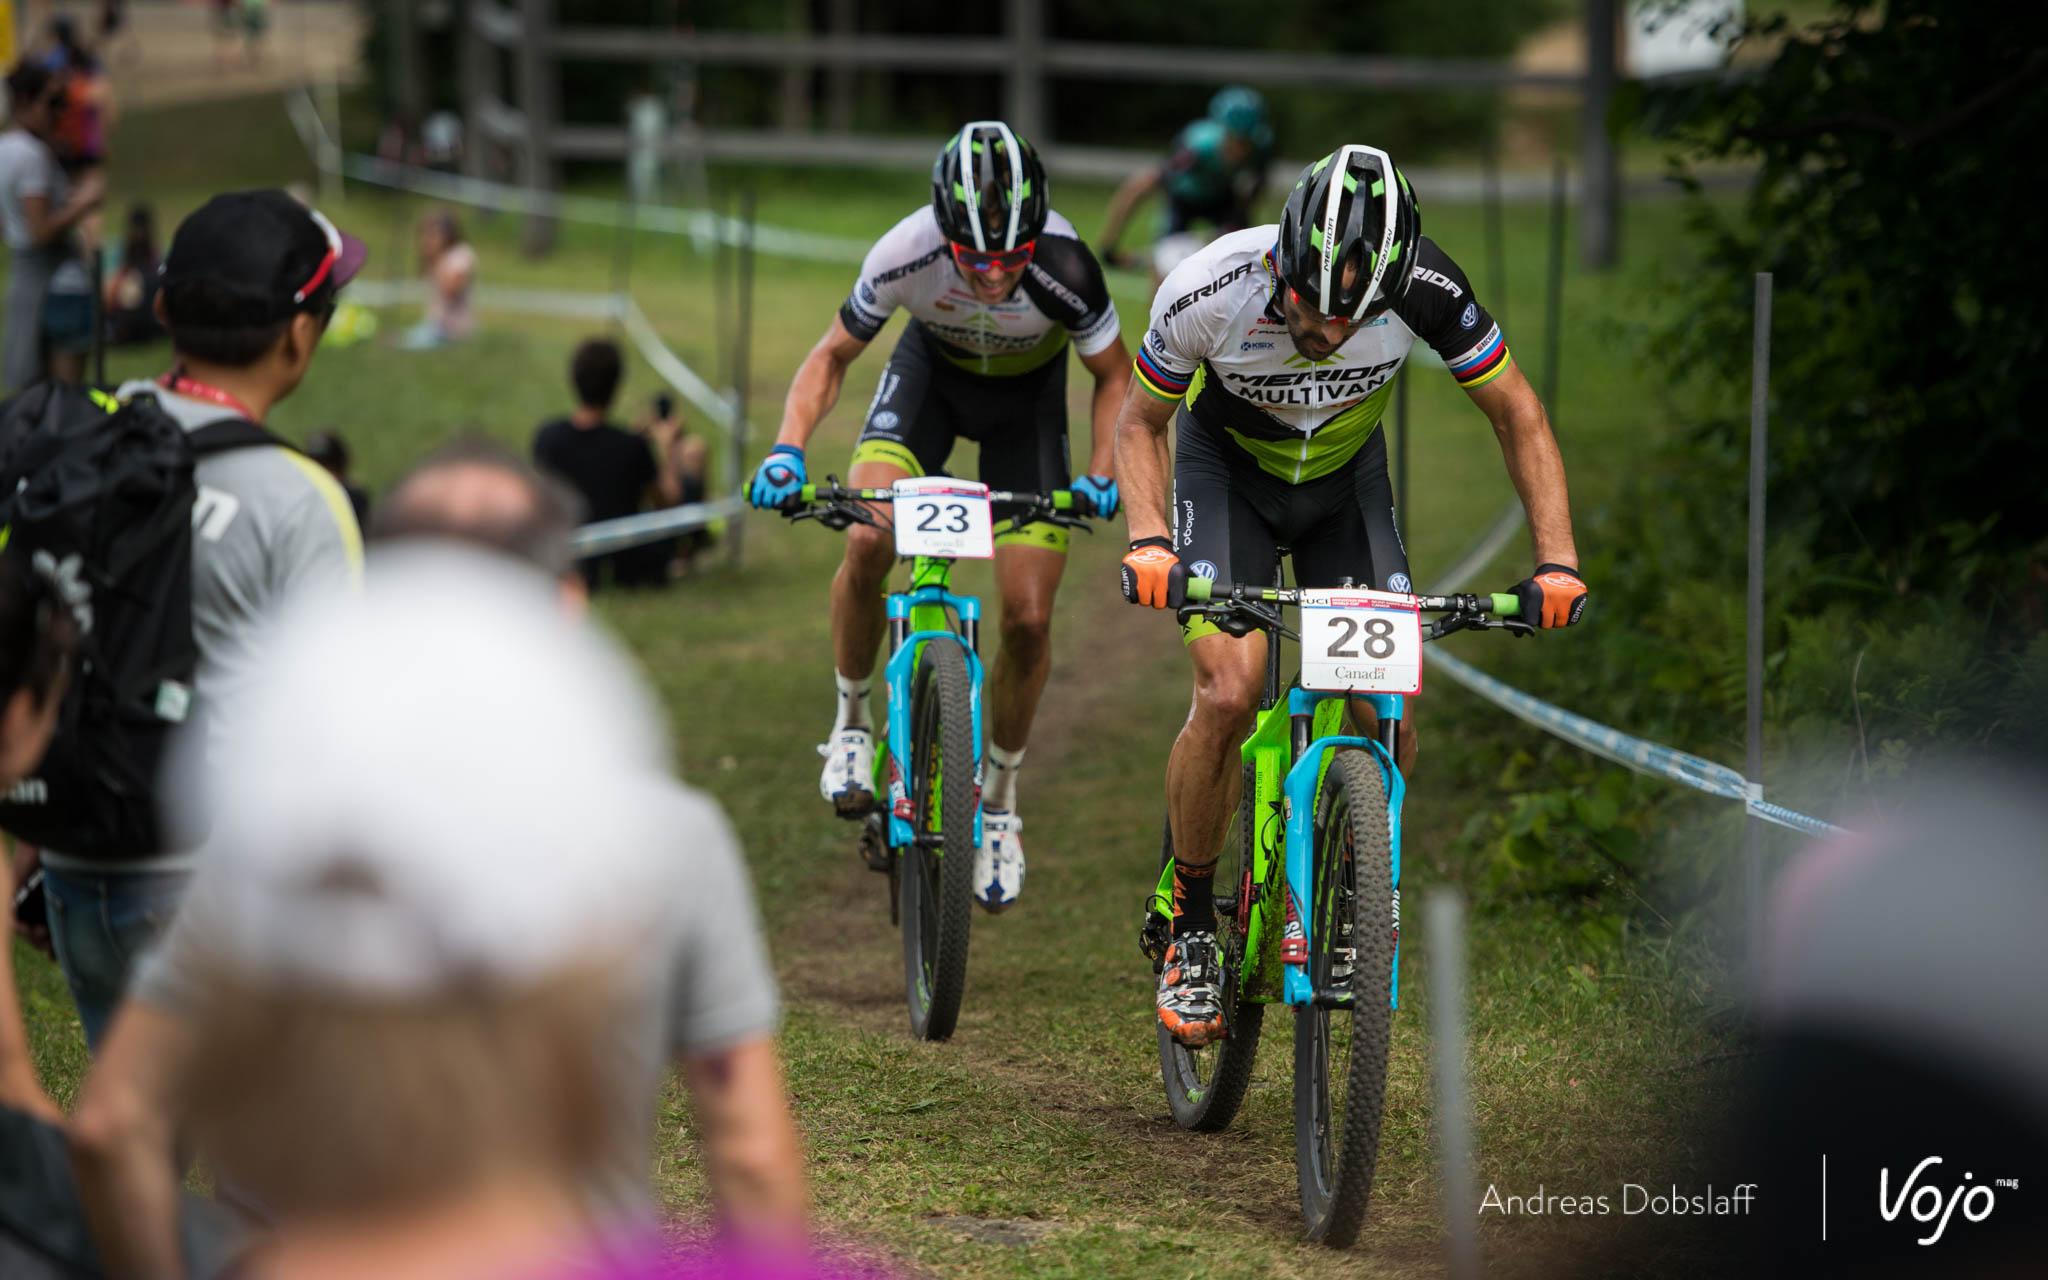 28, Hermida Ramos, José Antonio, Multivan Merida Biking Team, , ESP 23, Cink, Ondrej, Multivan Merida Biking Team, , CZE